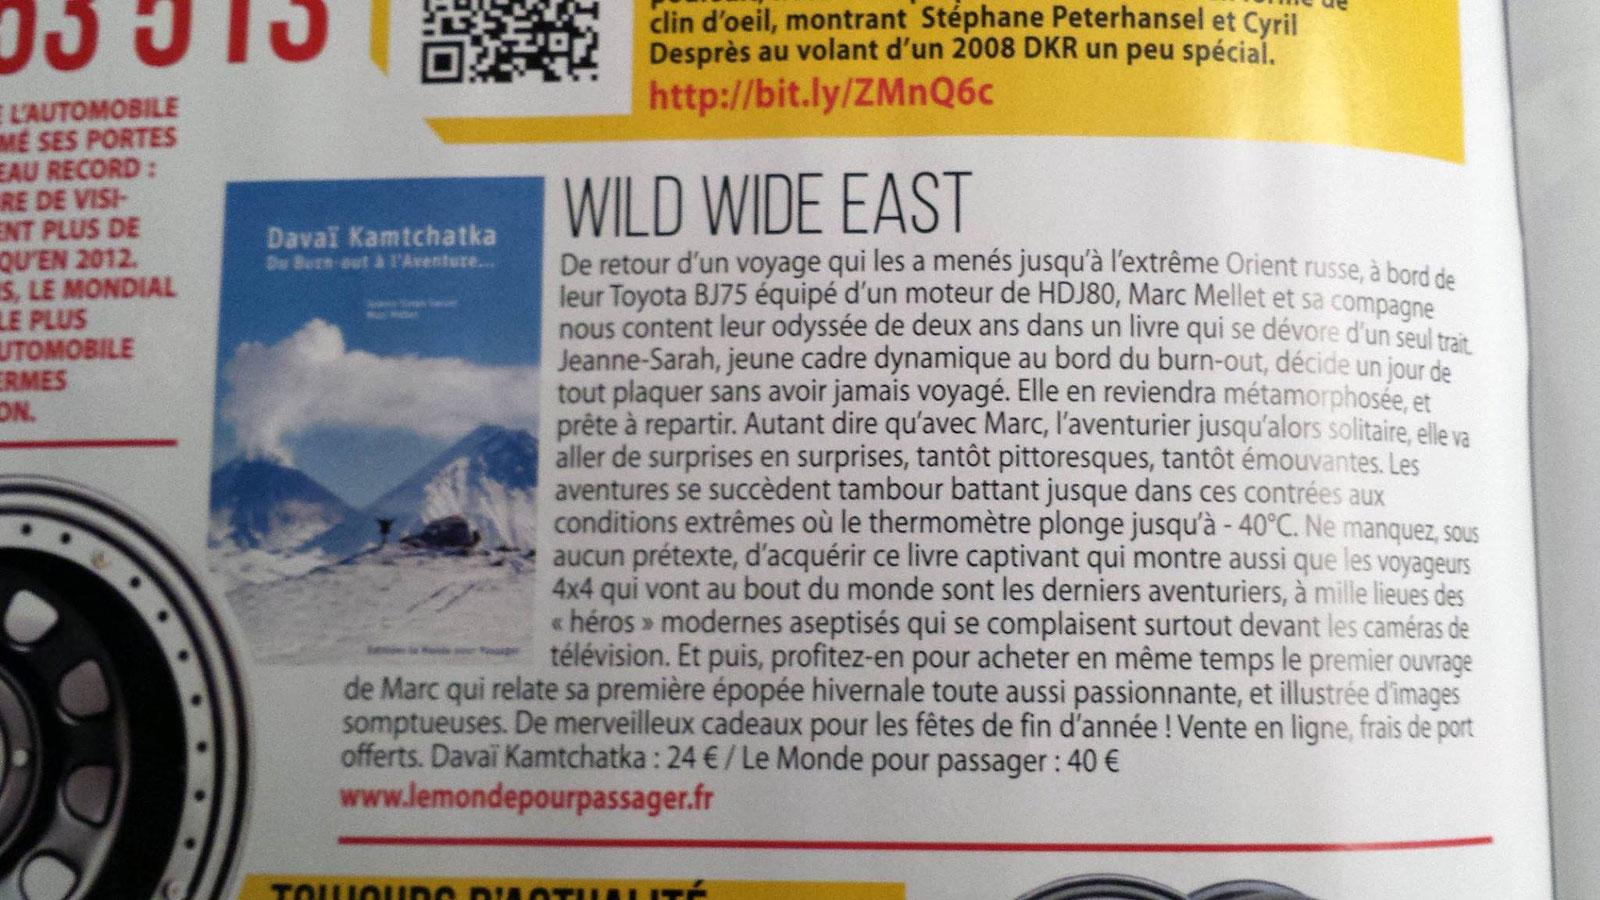 article de Dec. 2014 de 4x4 magazine sur le livre Davïa Kamtchatka